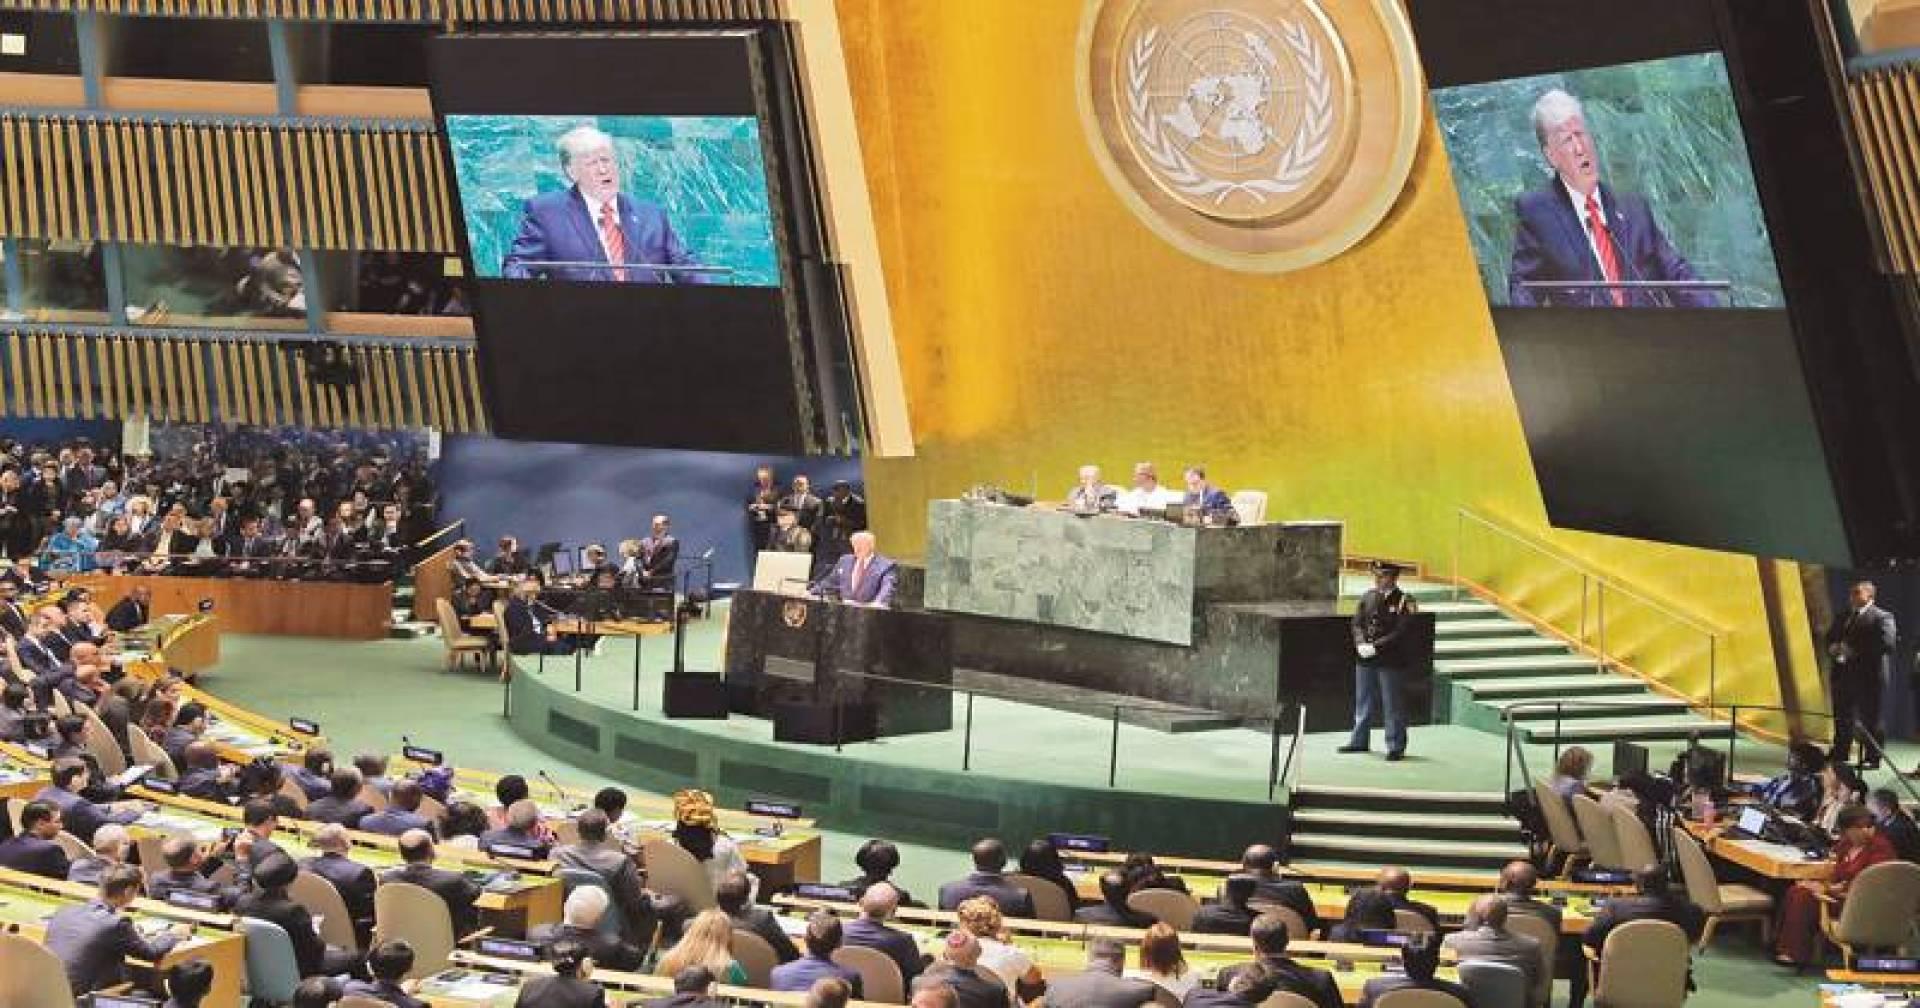 ترامب متحدثاً أمام الجمعية العامة للأمم المتحدة |  أ.ب